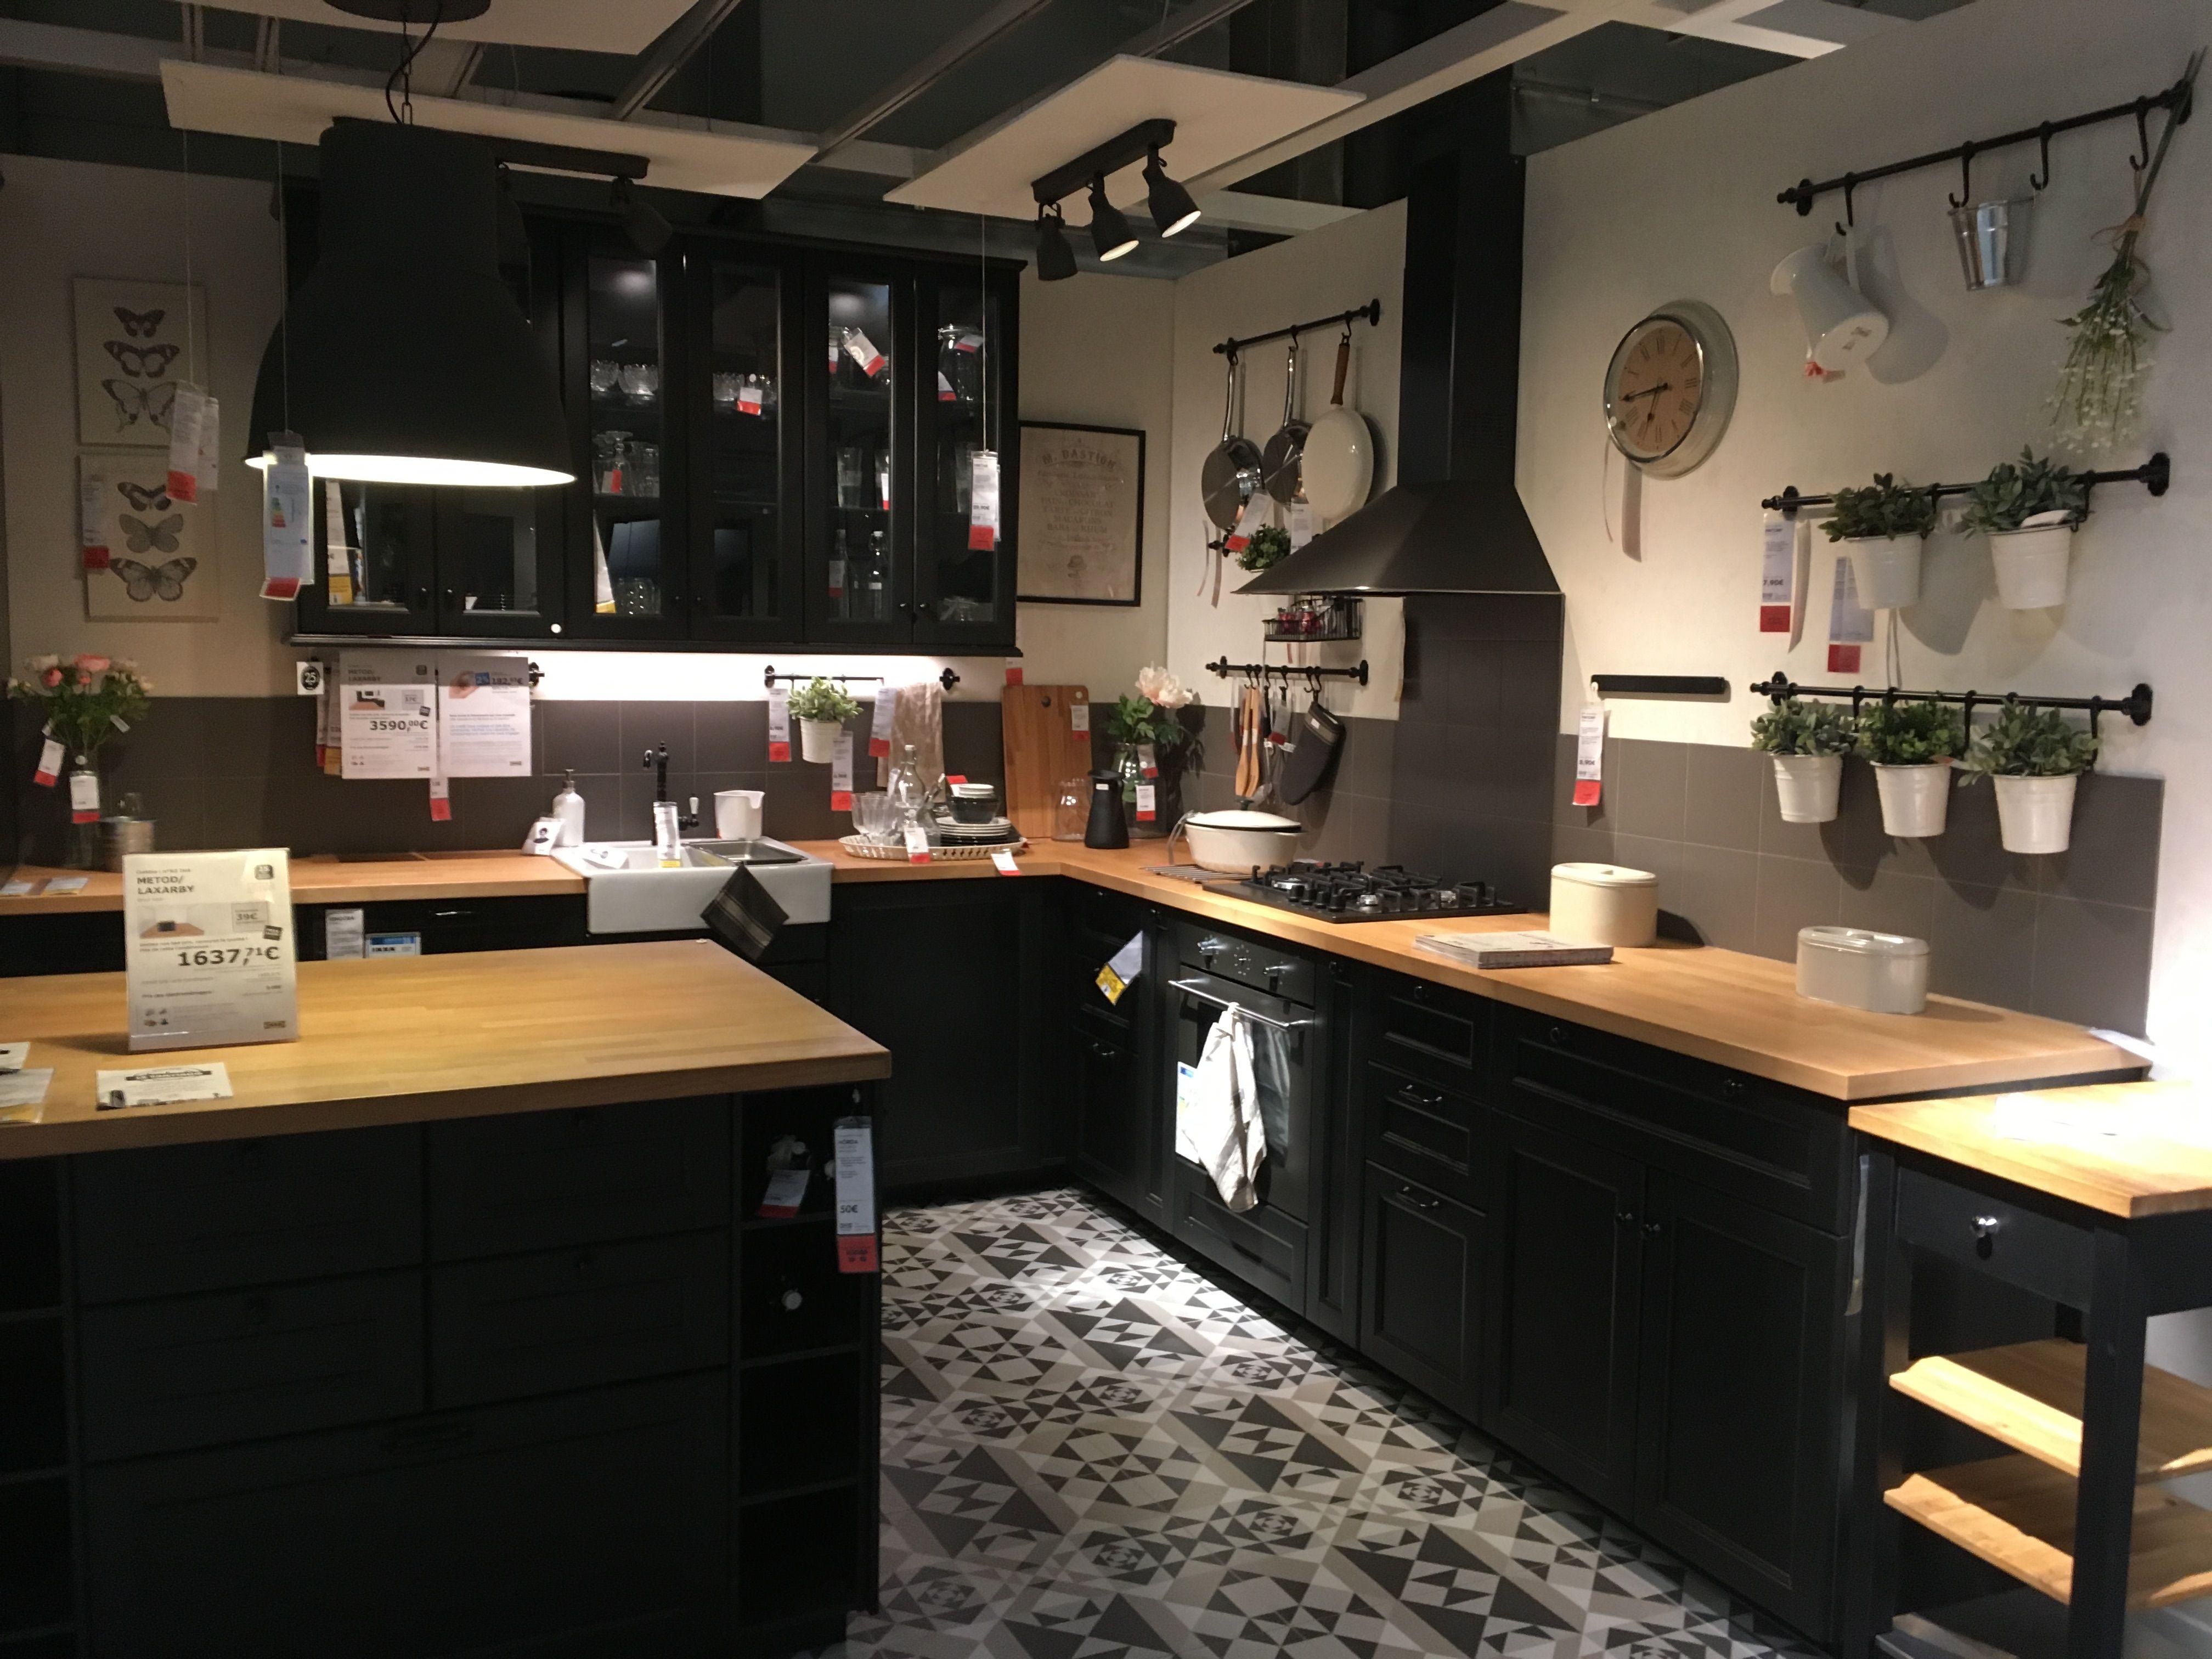 Cuisine Cuisine Style Industriel Cuisines Maison Cuisine Verriere